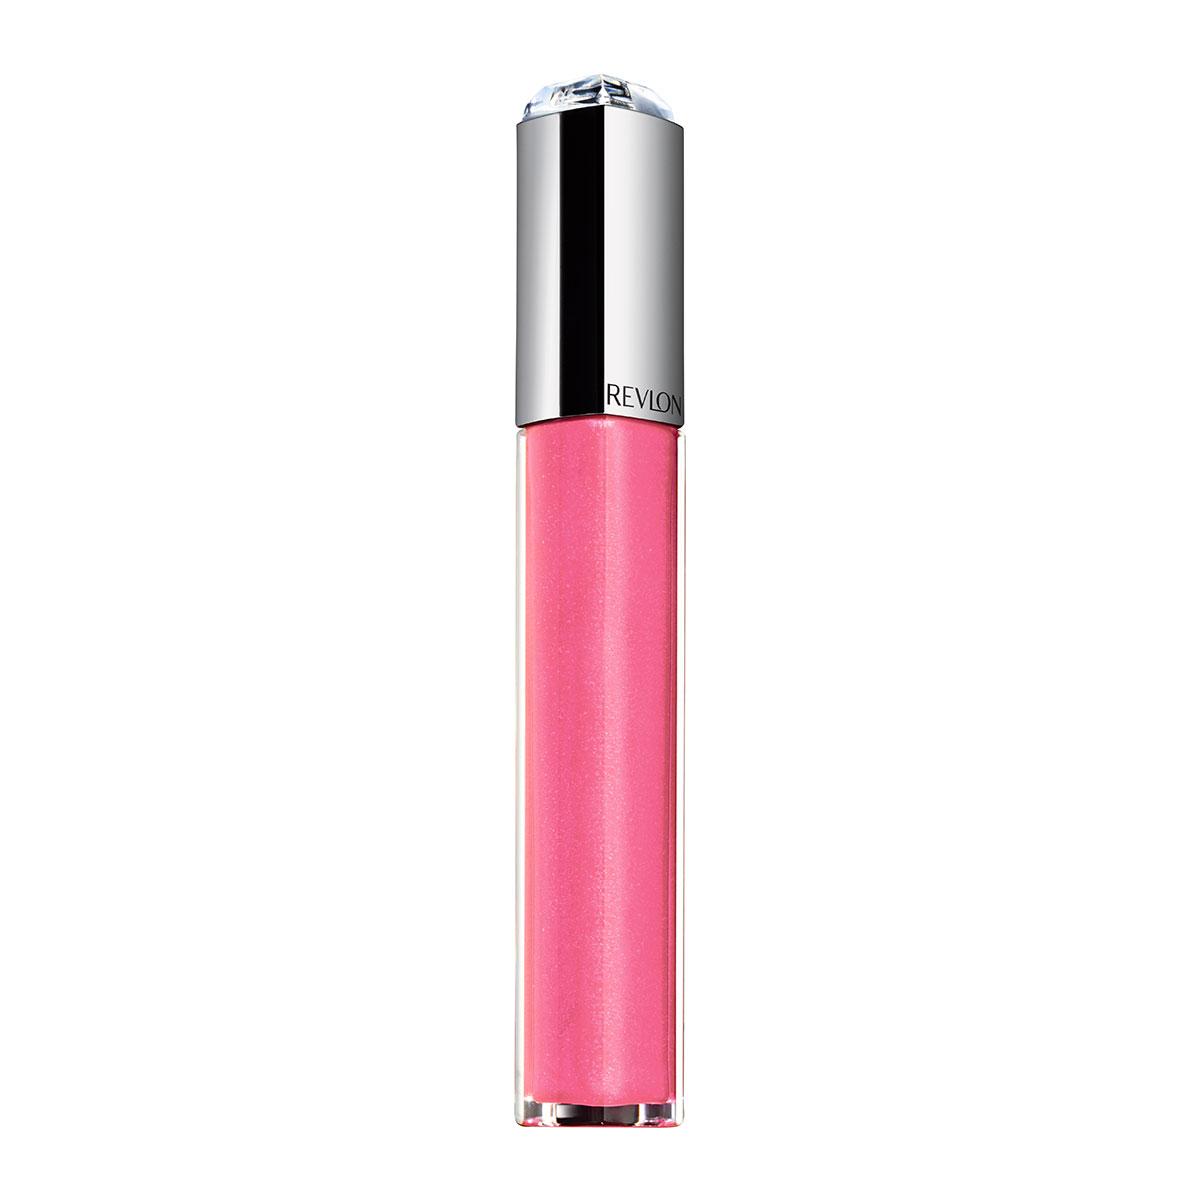 Revlon Помада-блеск для Губ Ultra Hd Lip Lacquer Pink sapphire 520 5,9 мл7210464060Придайте своим губам сияние с Revlon Ultra HD Lip Lacquer. Инновационная лаковая формула дарит вашим губам глубокий, насыщенный цвет без утяжеления. Блеск-лак для губ с тонкой текстурой, не насыщенной восками. Легкая формула обогощена маслами кокоса и манго. Супер-пигментирован! Плотность покрытия тонкое без ощущения липкости. Насыщенная яркая палитра для создания разных образов: от естественного дневного до вечернего макияжей. Устойчивый результат. Насыщенный, сияющий цвет визуально увеличивающий объем.